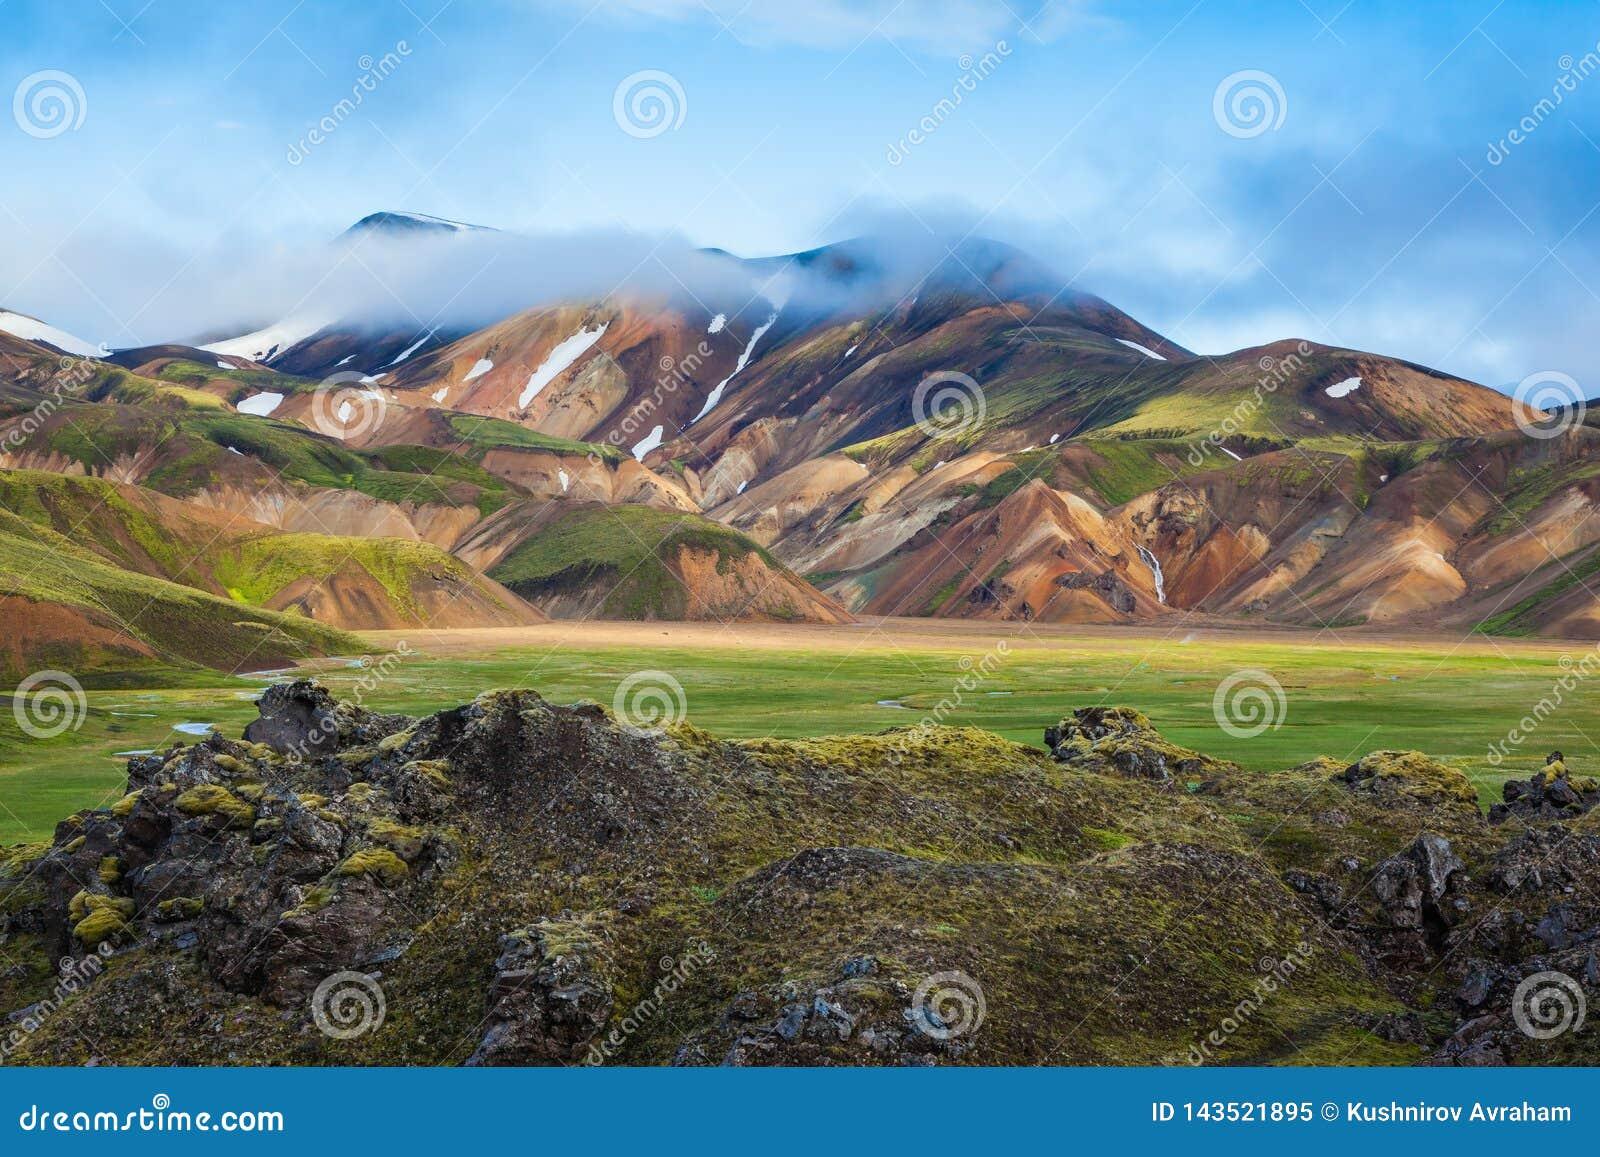 De mist ligt in de holten van kleurrijke bergen